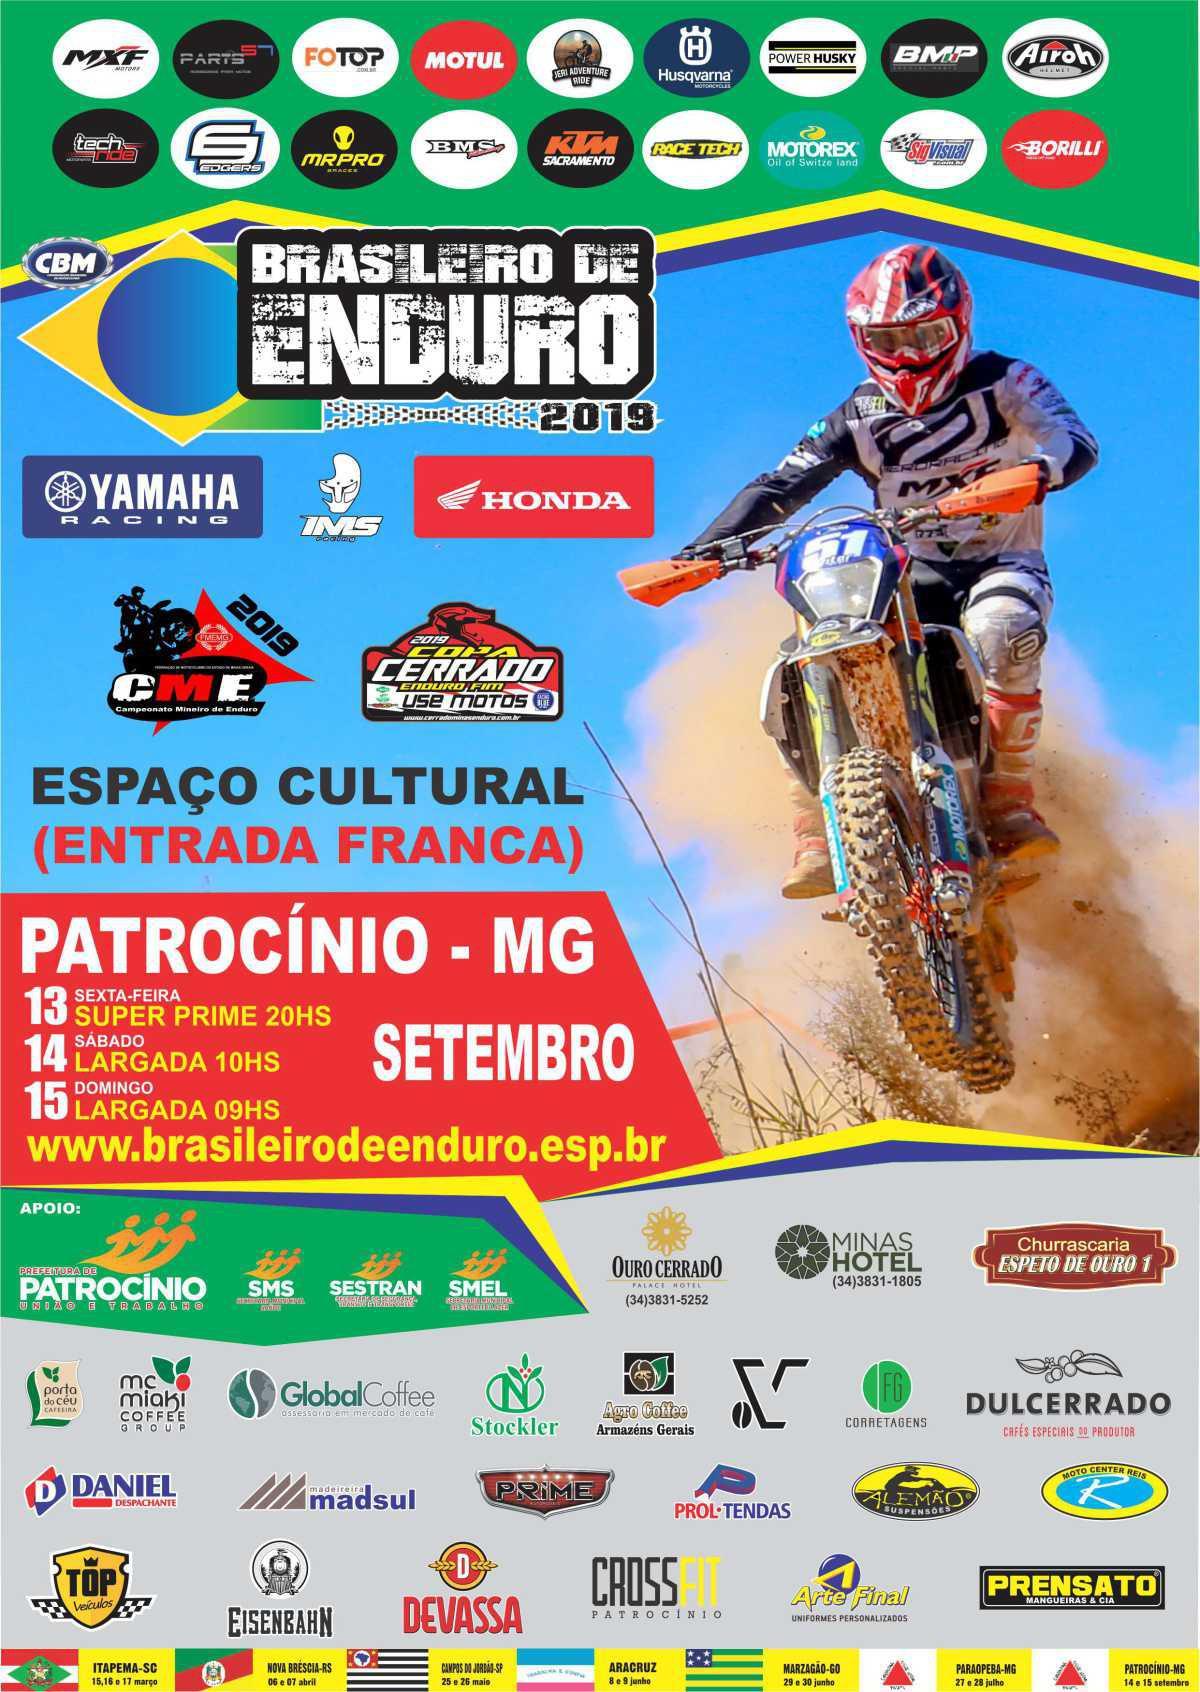 Entenda a situação do Campeonato Brasileiro de Enduro FIM. Última etapa acontece dias 13, 14 e 15 de setembro em MG.